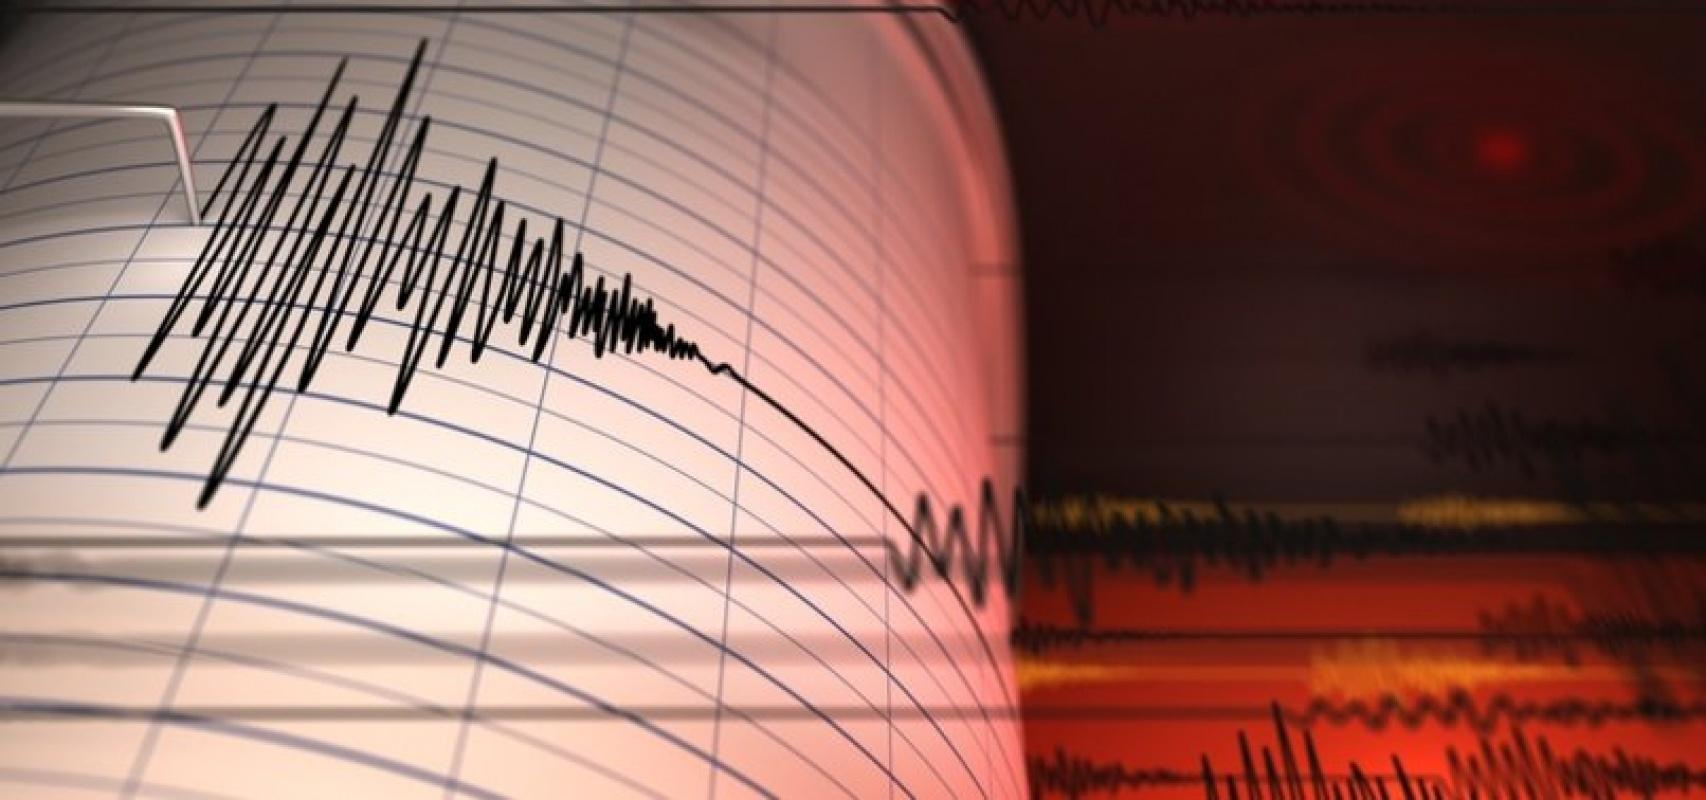 Elazığ'dan sonra Muğla'da da deprem oldu